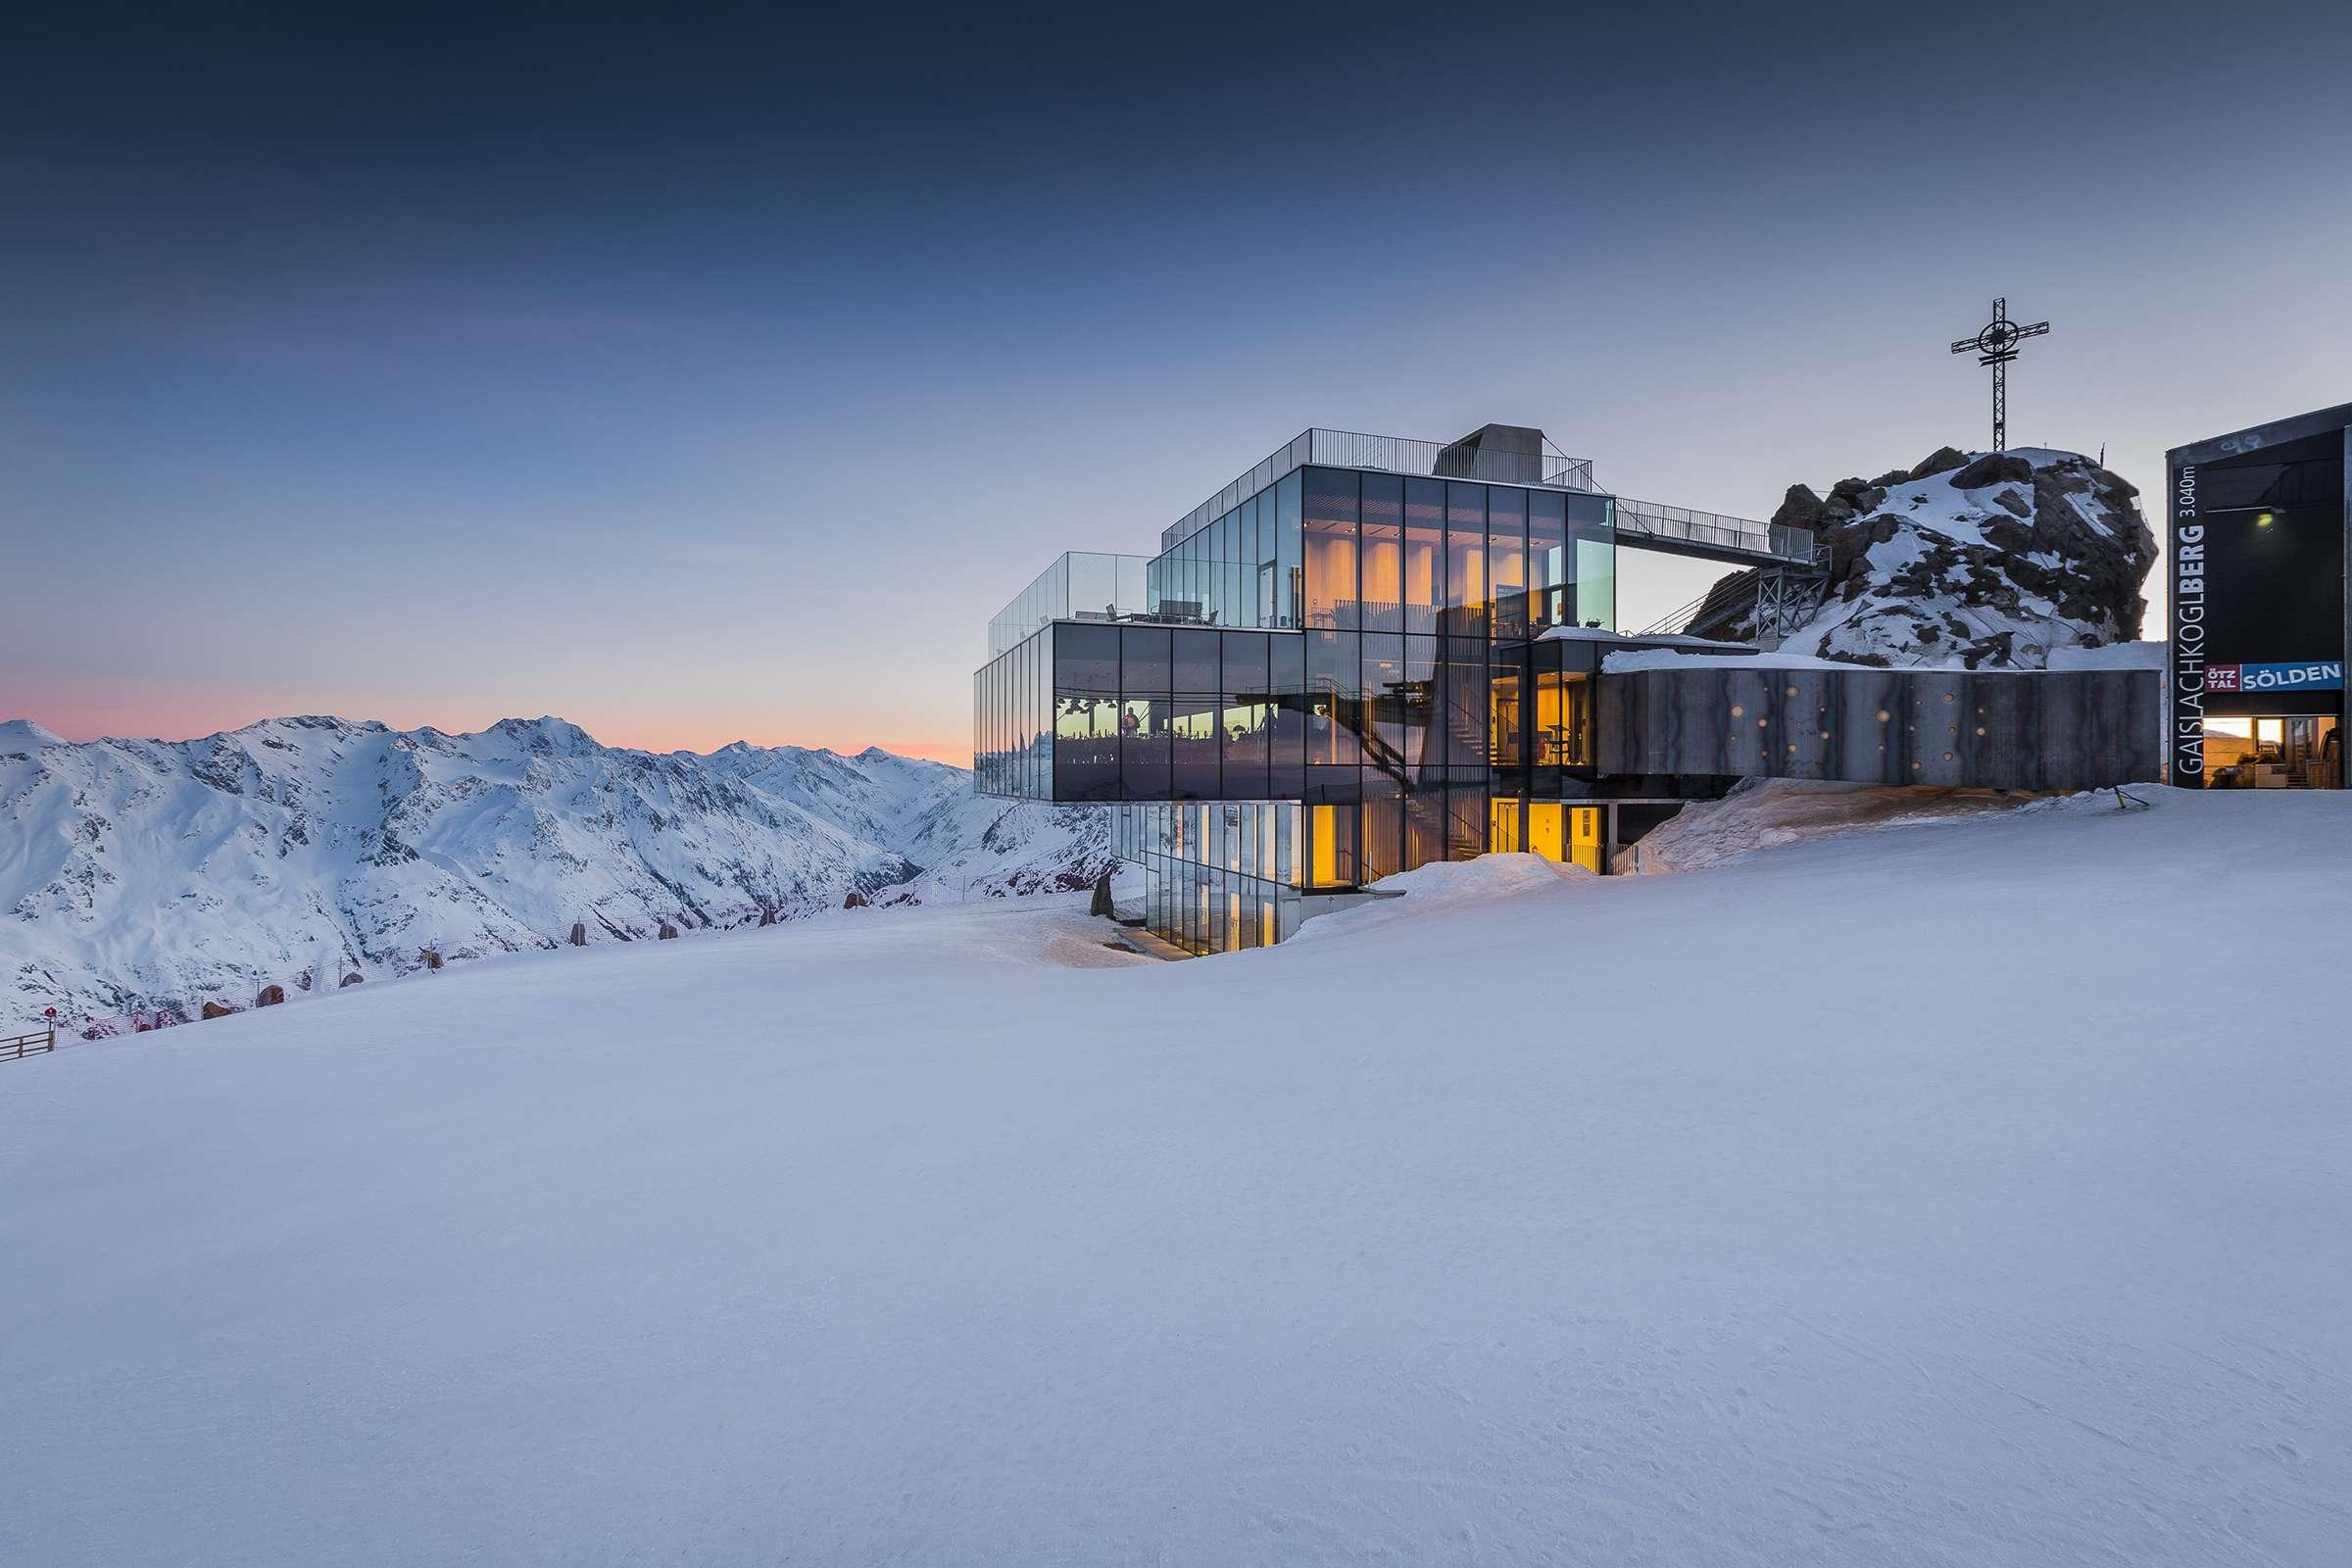 SPECTRE–kulär! Geheime Mission in den Ötztaler Alpen